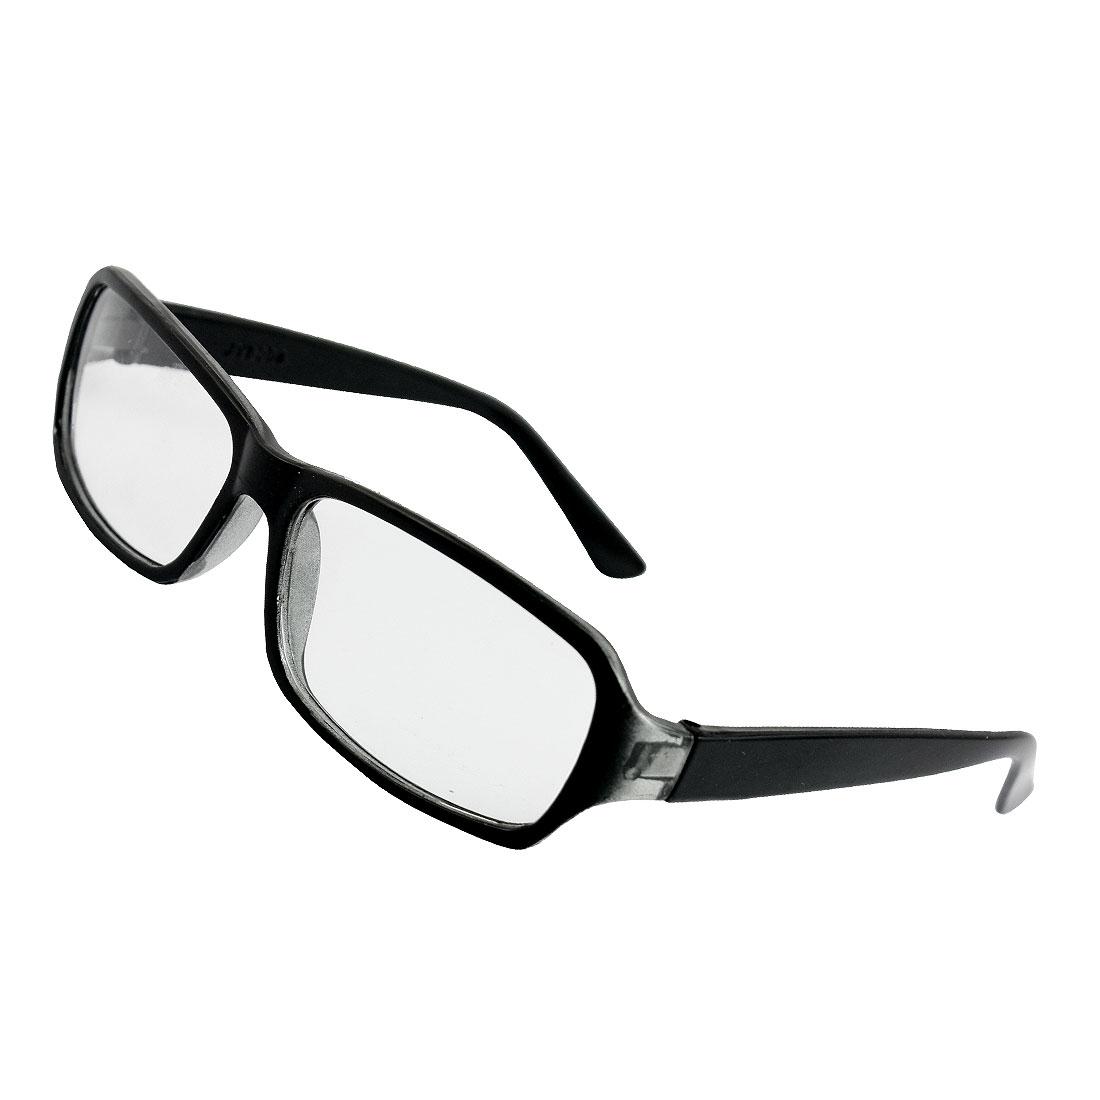 Black Plastic Full Frame Clear Lens Glasses Eyeglasses for Man Woman